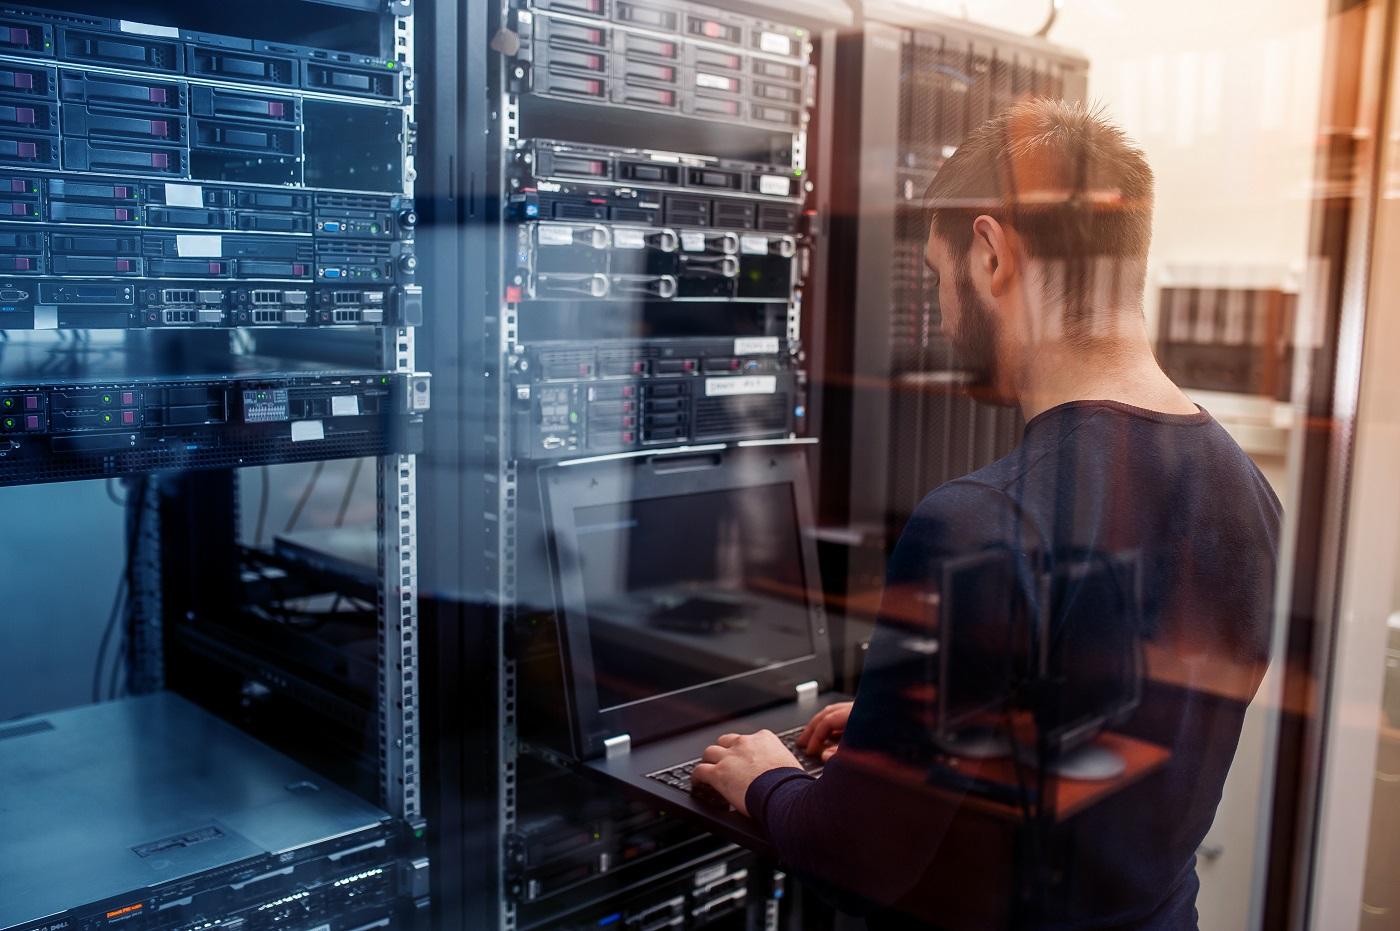 Un jeune ingénieur en télécommunications qui examine un serveur